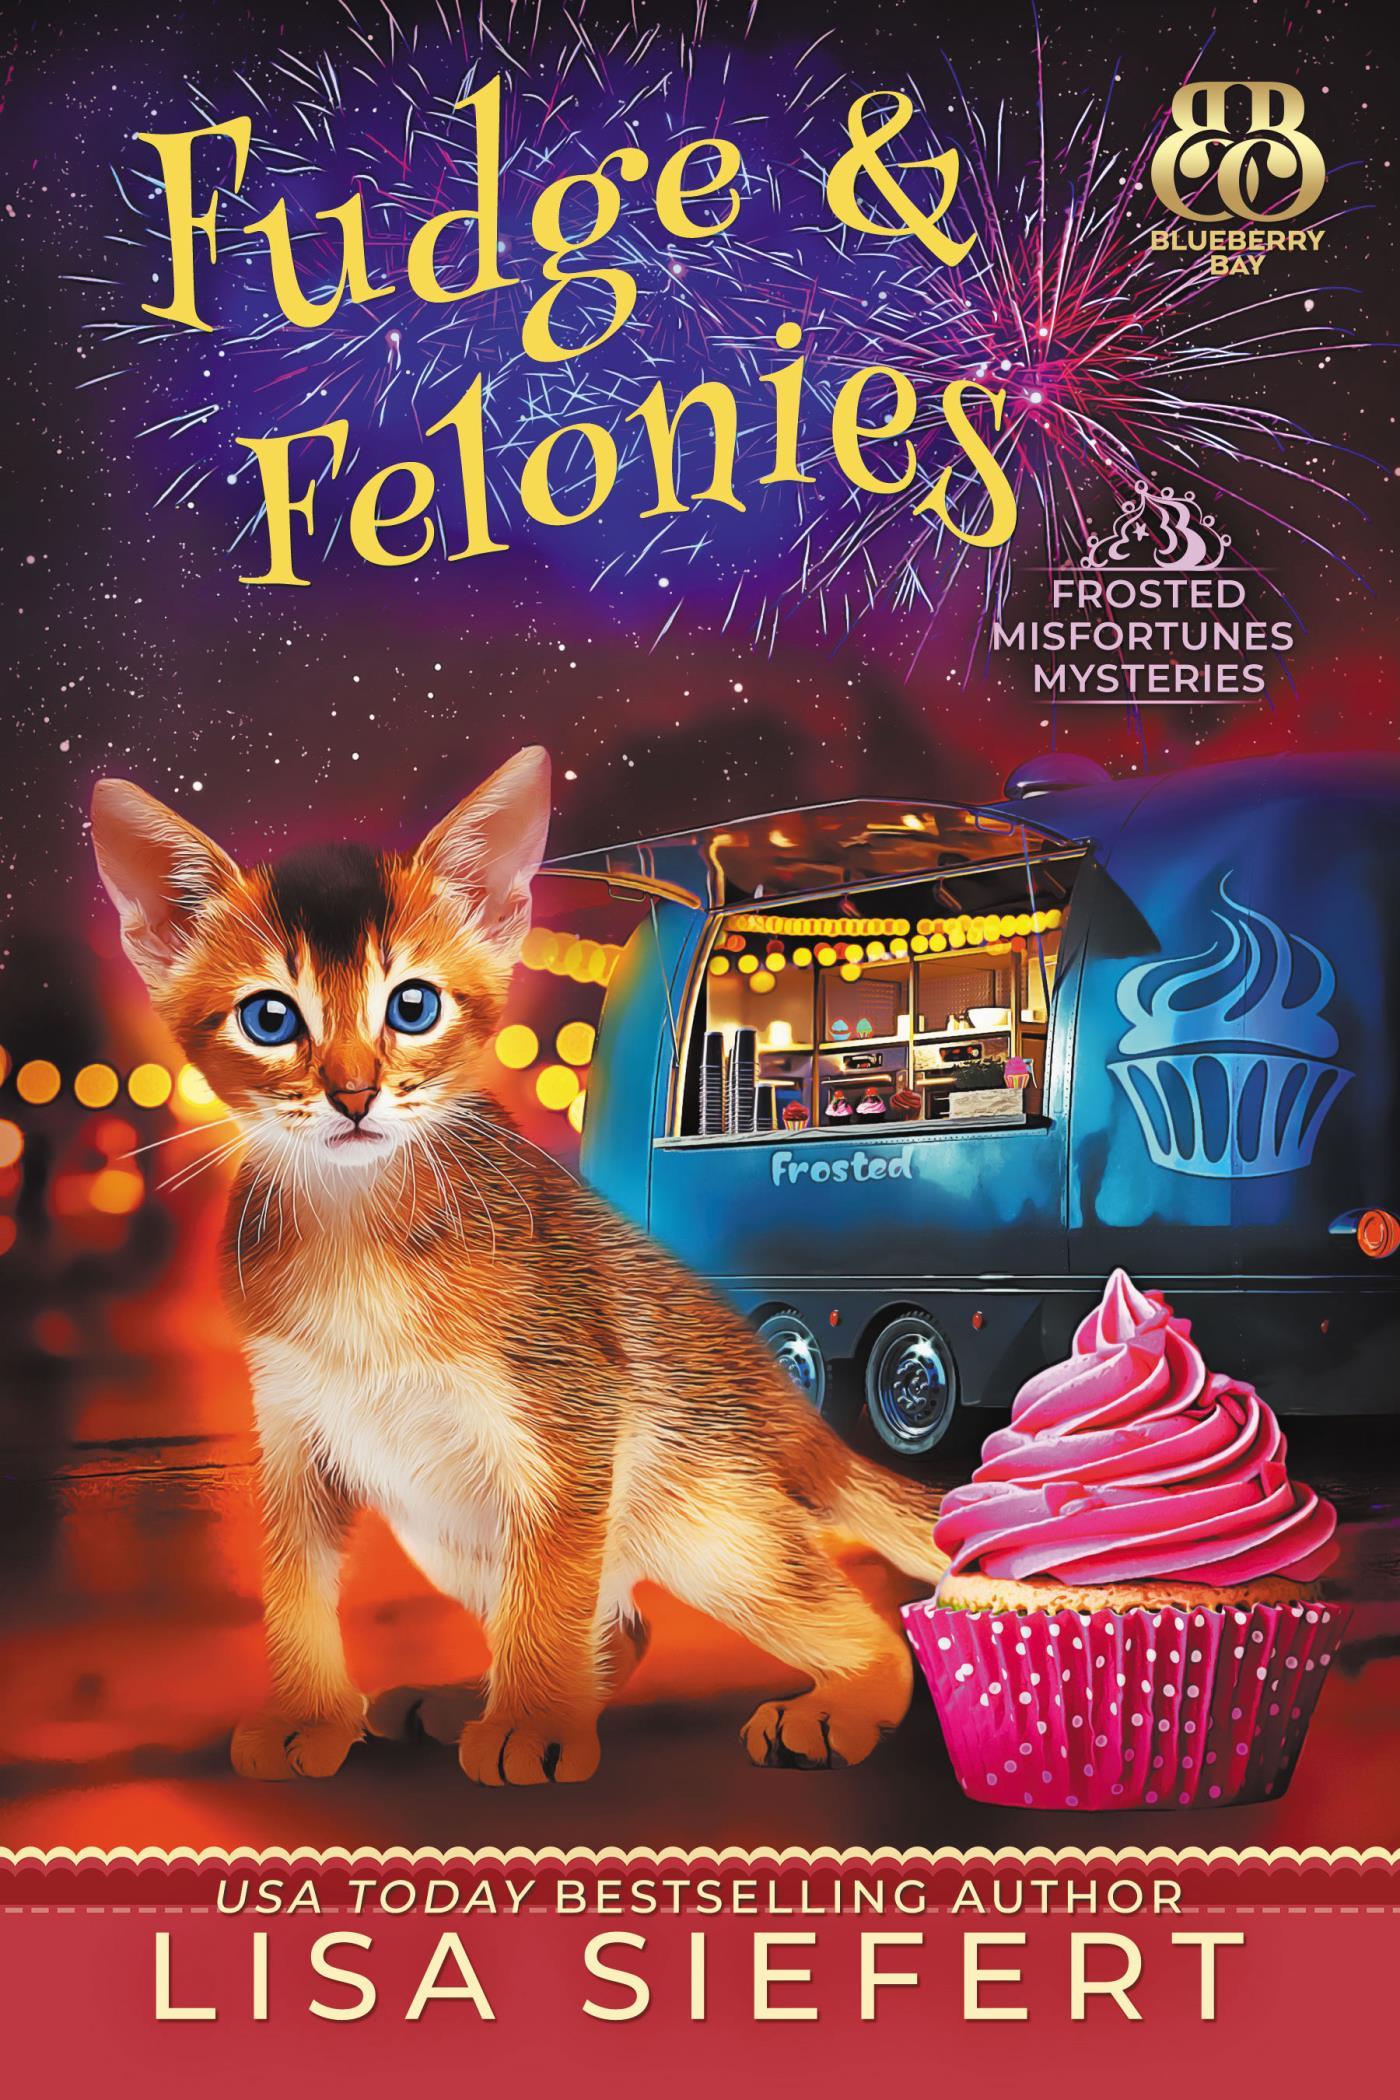 Fudge & Felonies | Cupcake Cozy Mysteries for Cat Lovers | Lisa Siefert